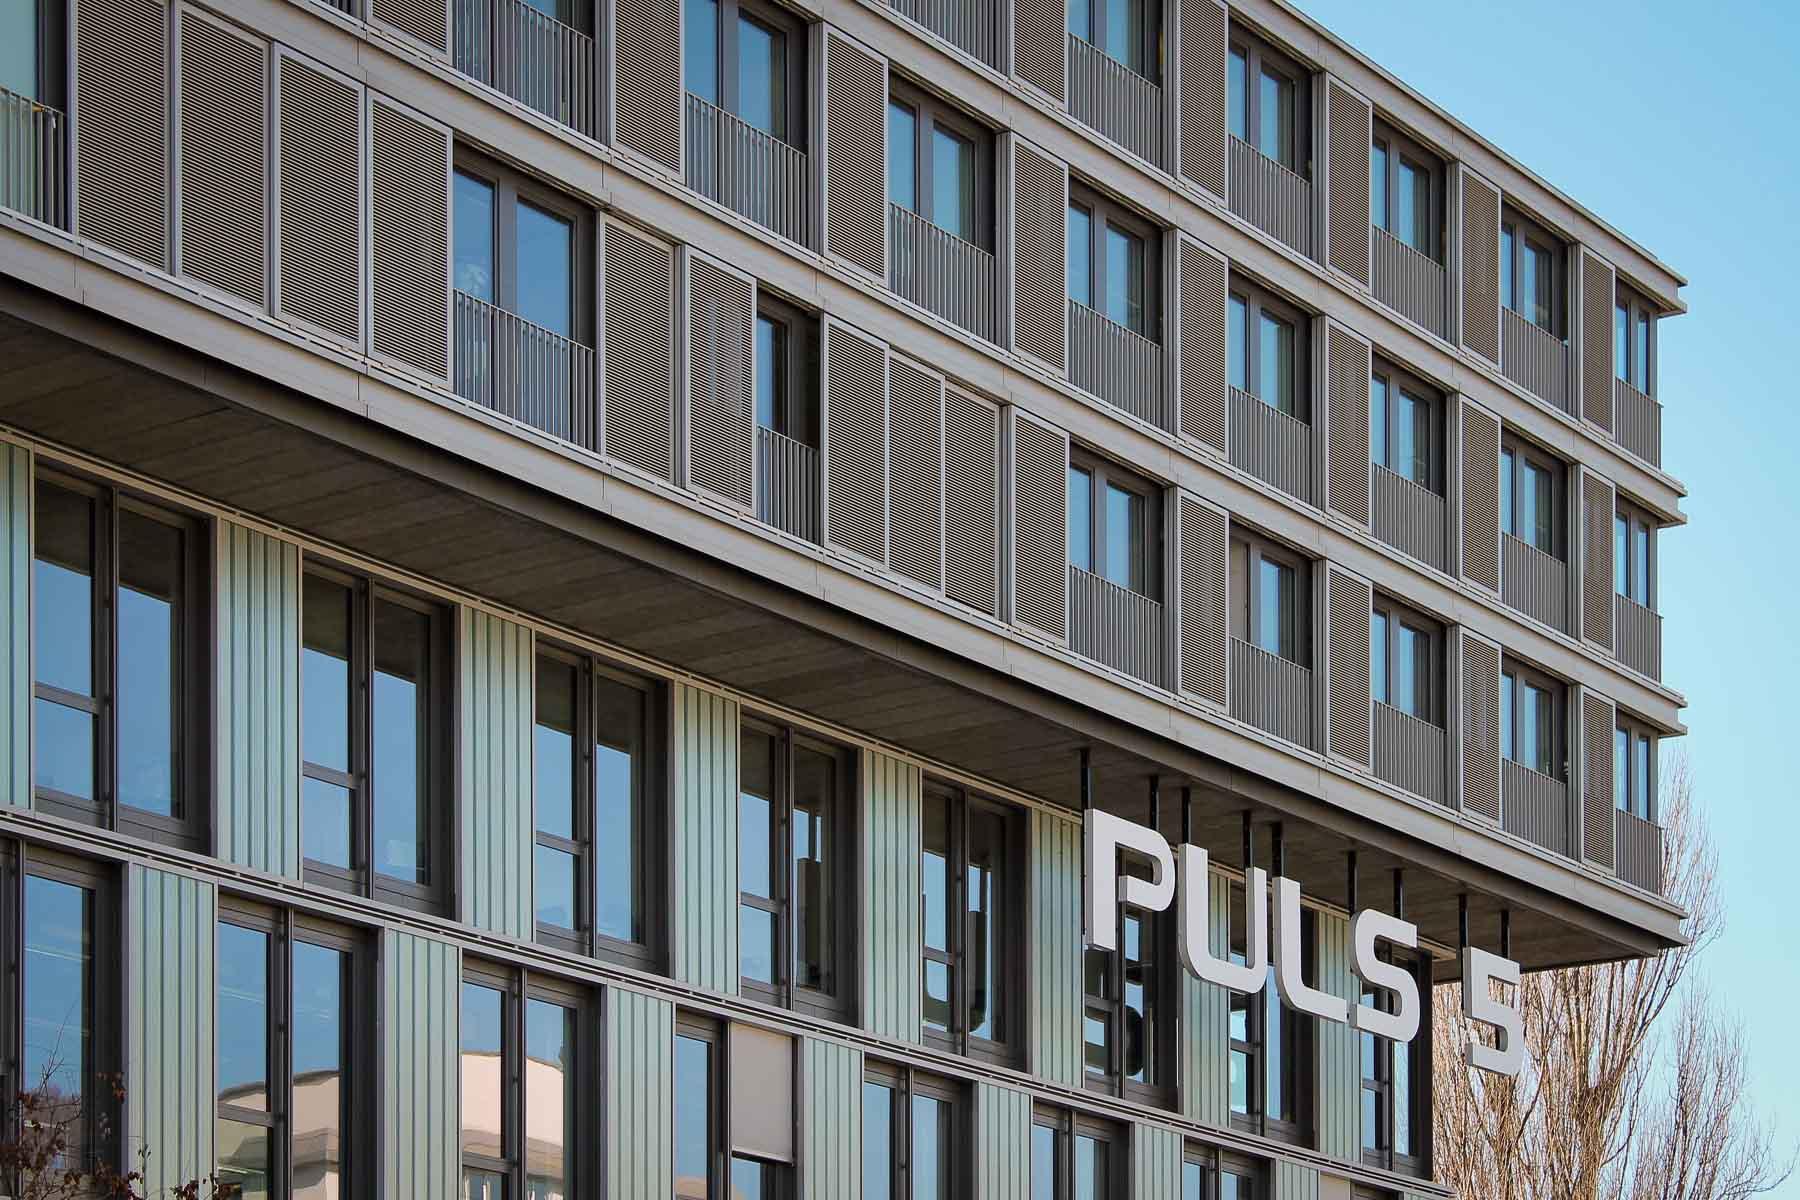 Puls 5, Zürich3